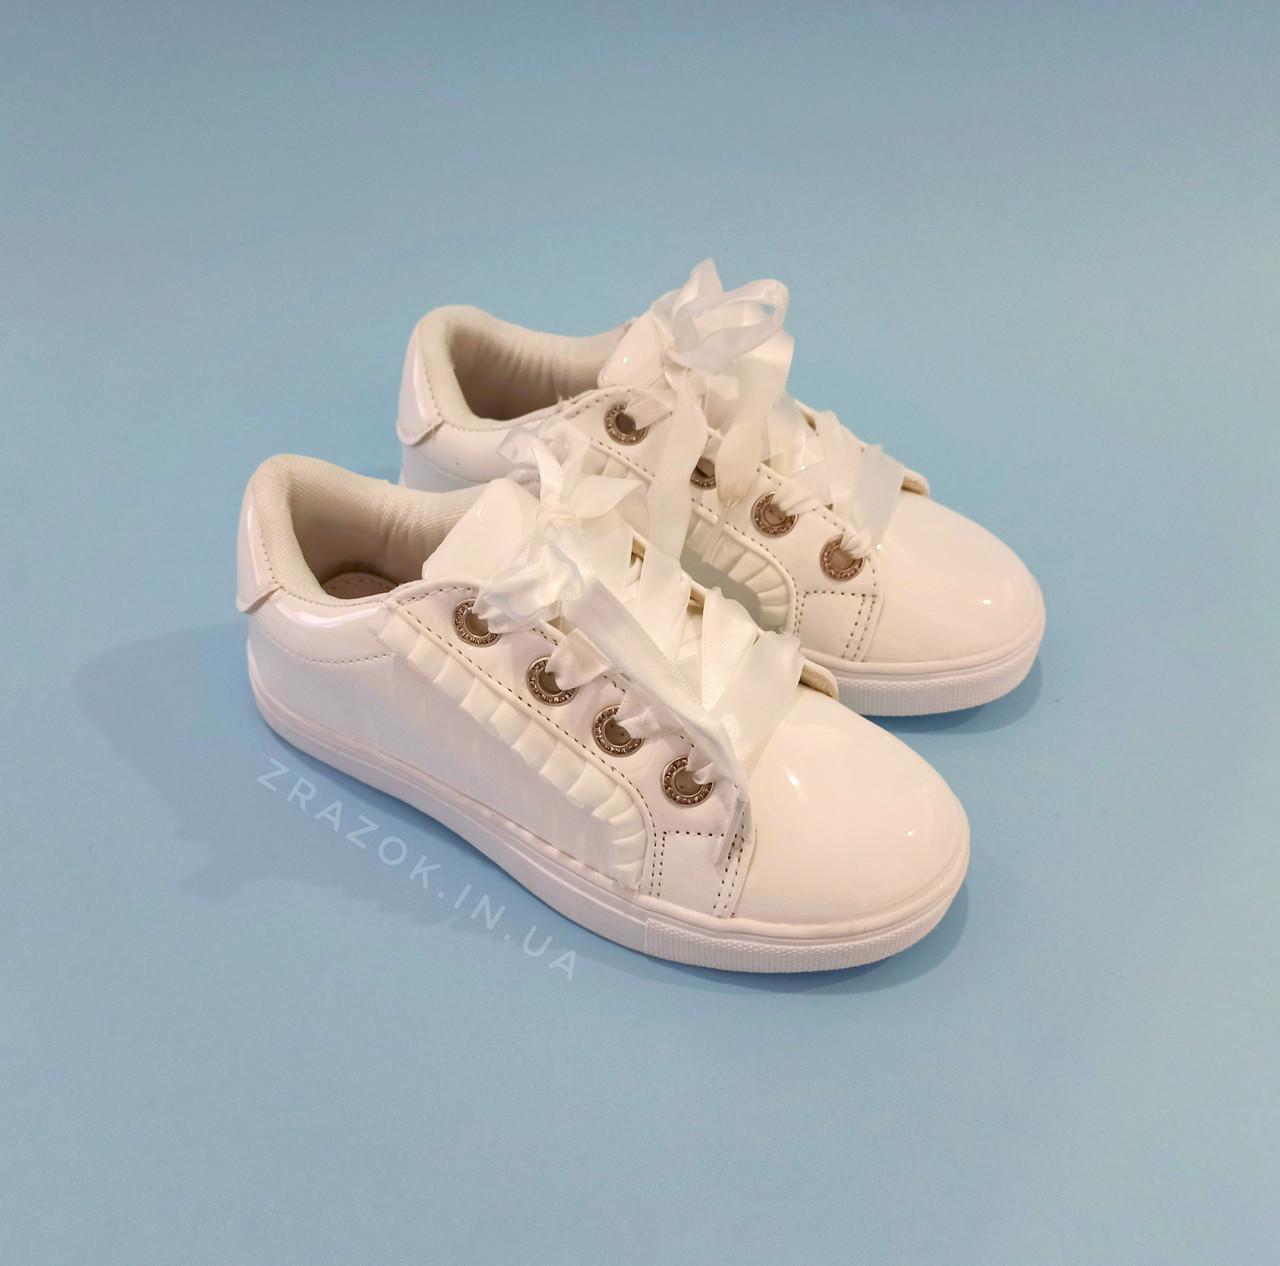 Білі кросівки з бантиком кеди з бантом лакові туфлі зі стрічками з супінатором на дівчинку